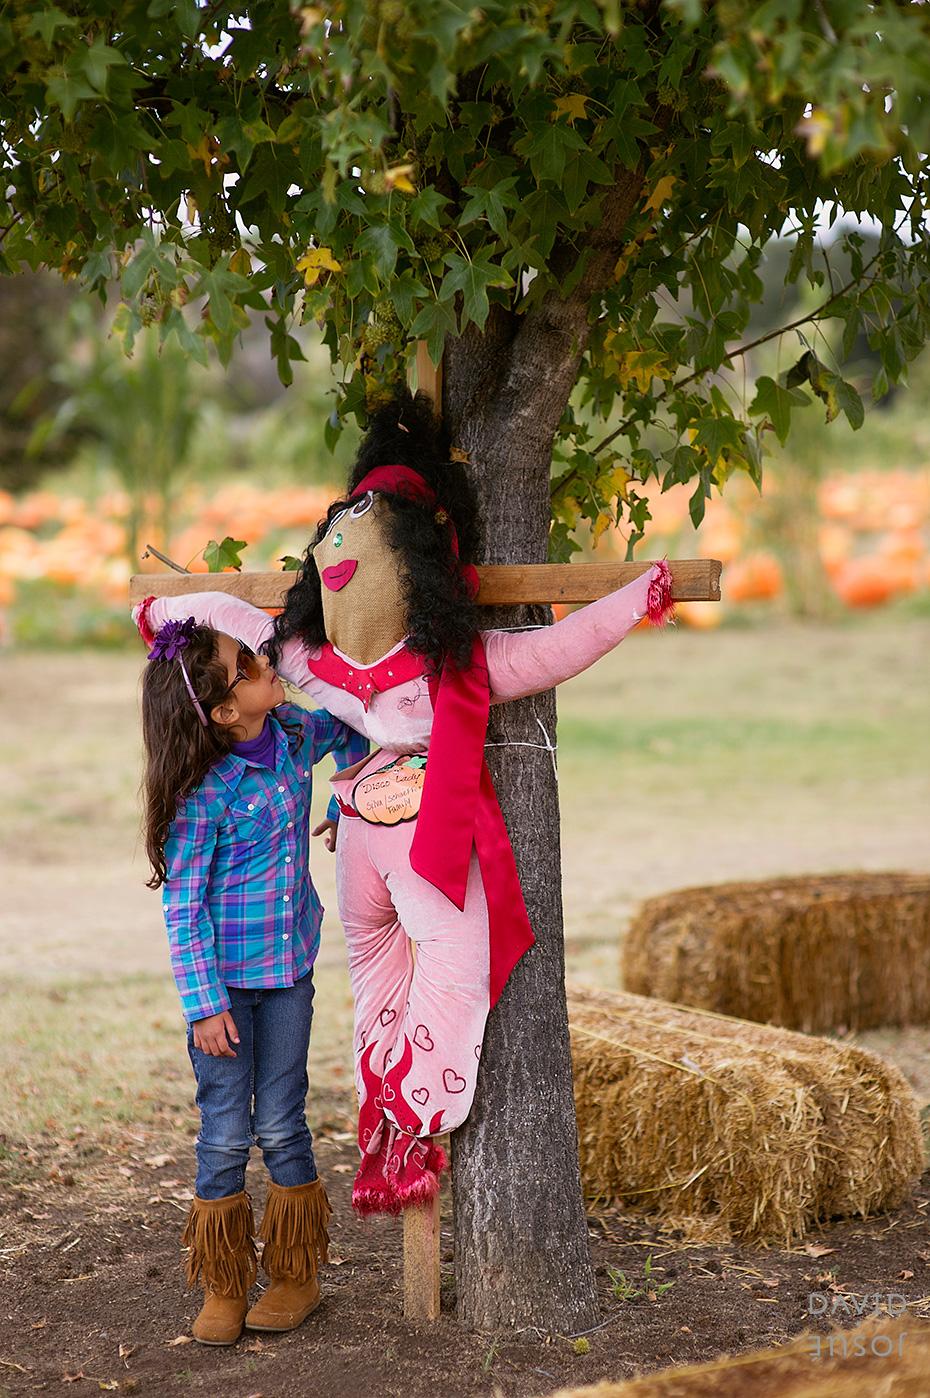 0051_cumple_suegro_bates-nut-farm-pumpkin-patch_101013-edit